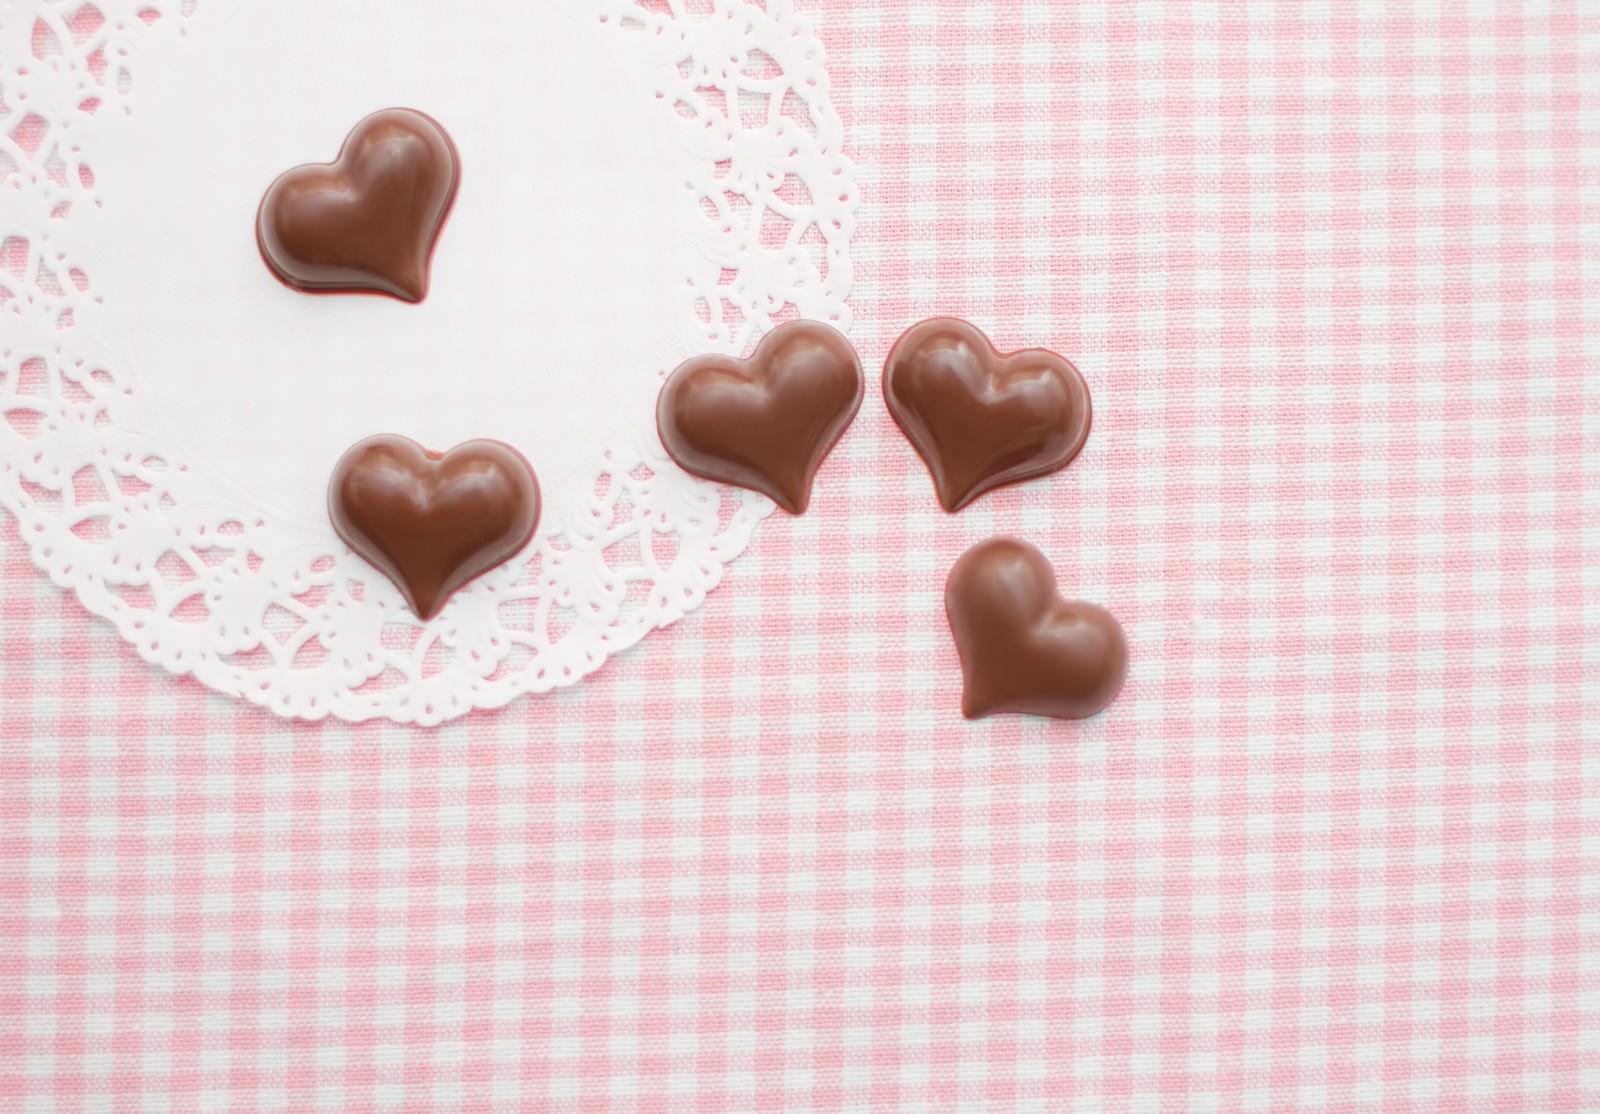 「ピンクのストライプとハートチョコ」の写真